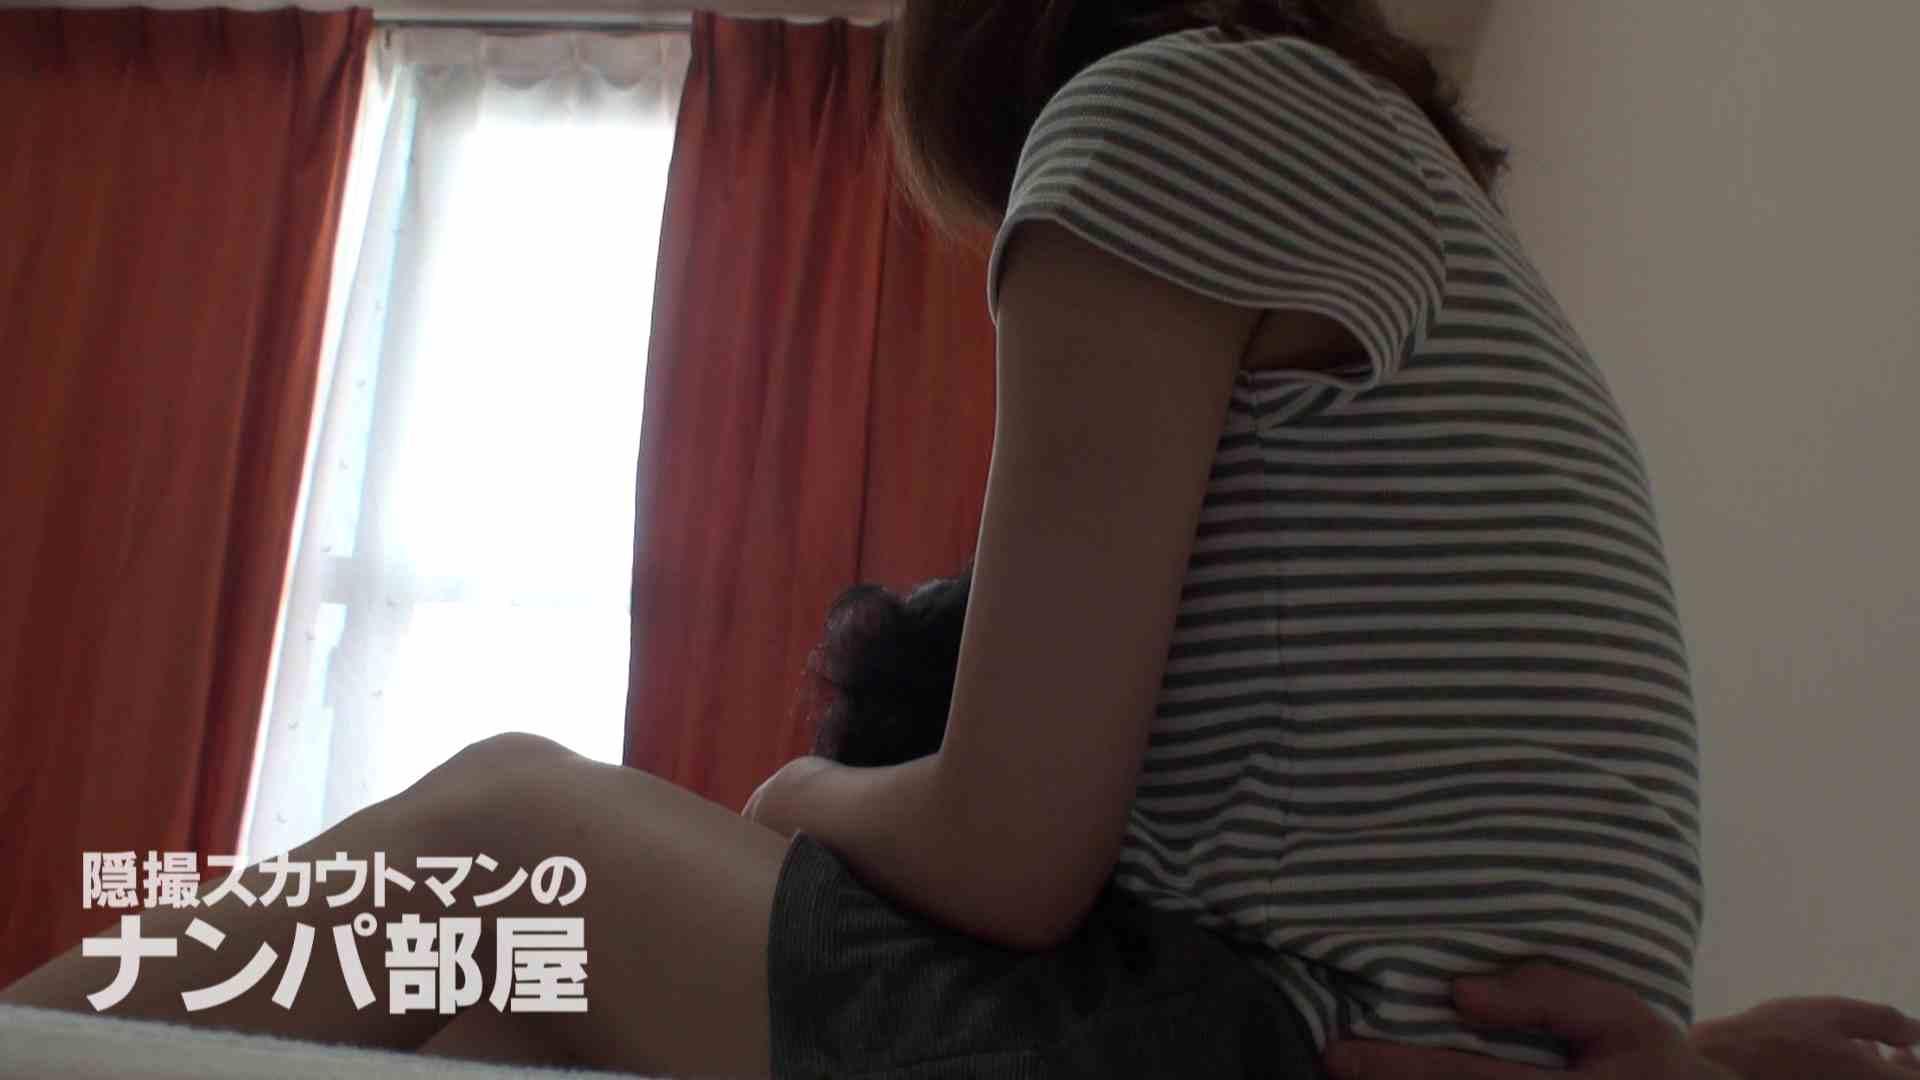 隠撮スカウトマンのナンパ部屋~風俗デビュー前のつまみ食い~ siivol.3 ナンパ  90連発 58